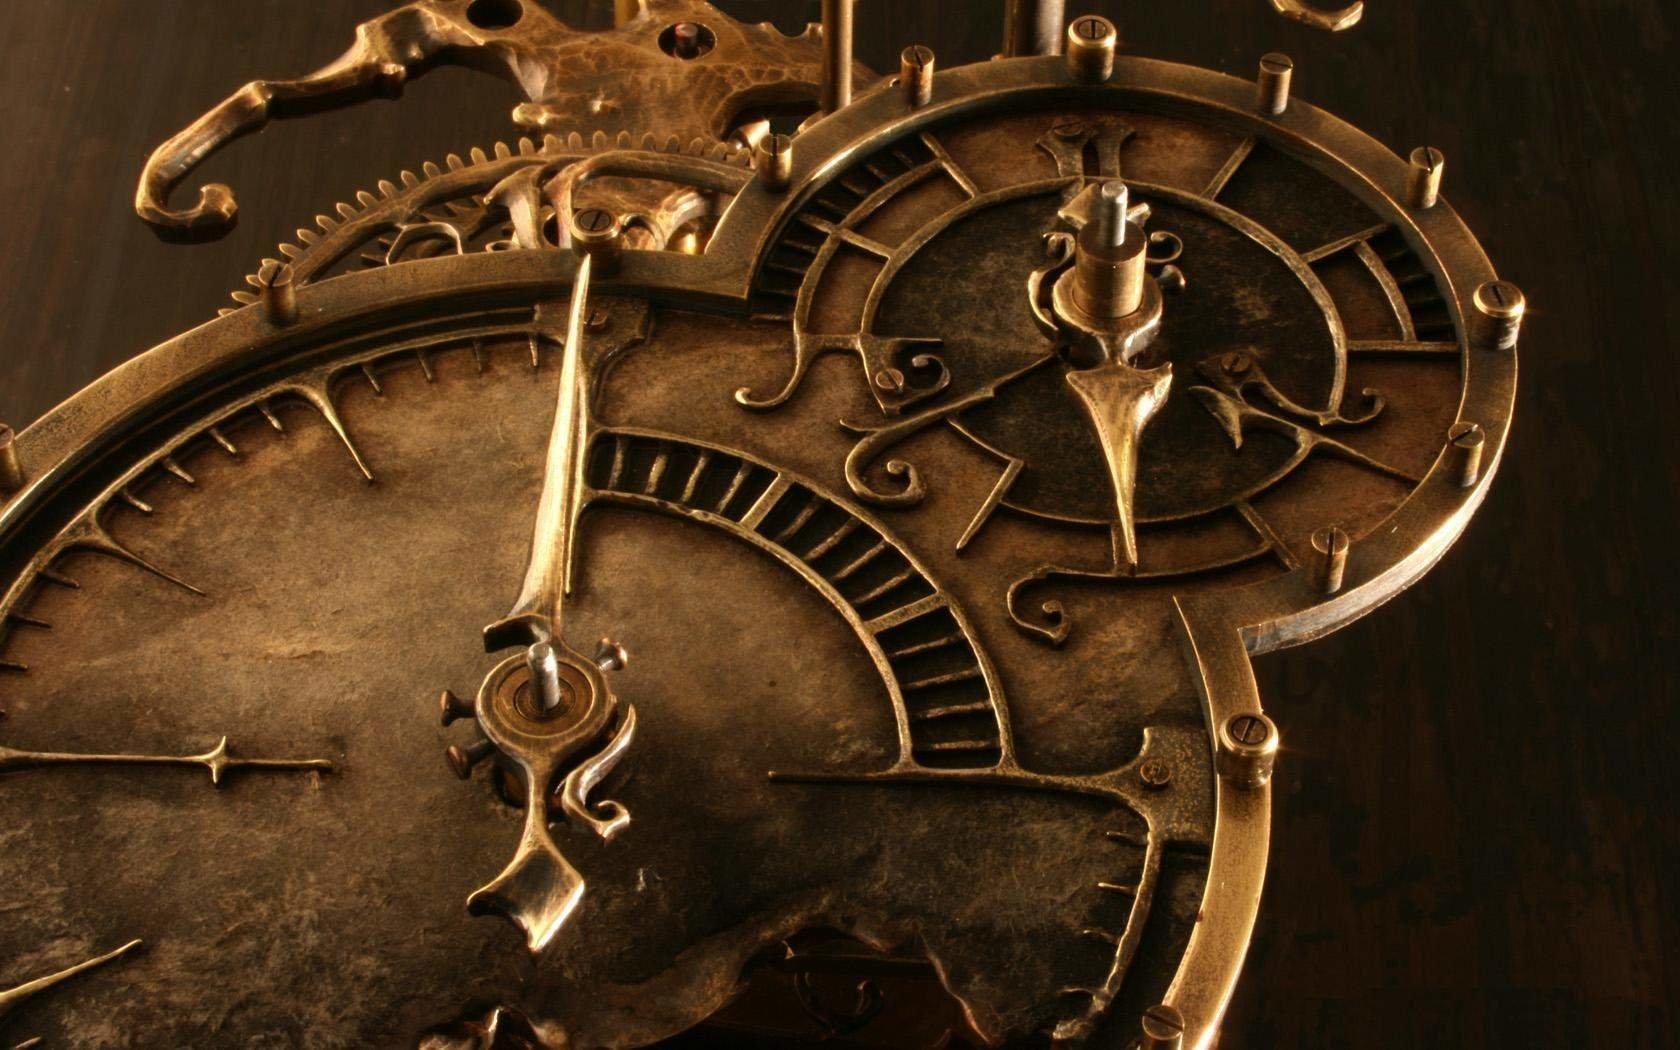 Сонник золотые Часы 😴 приснились, к чему снятся золотые Часы во сне видеть?